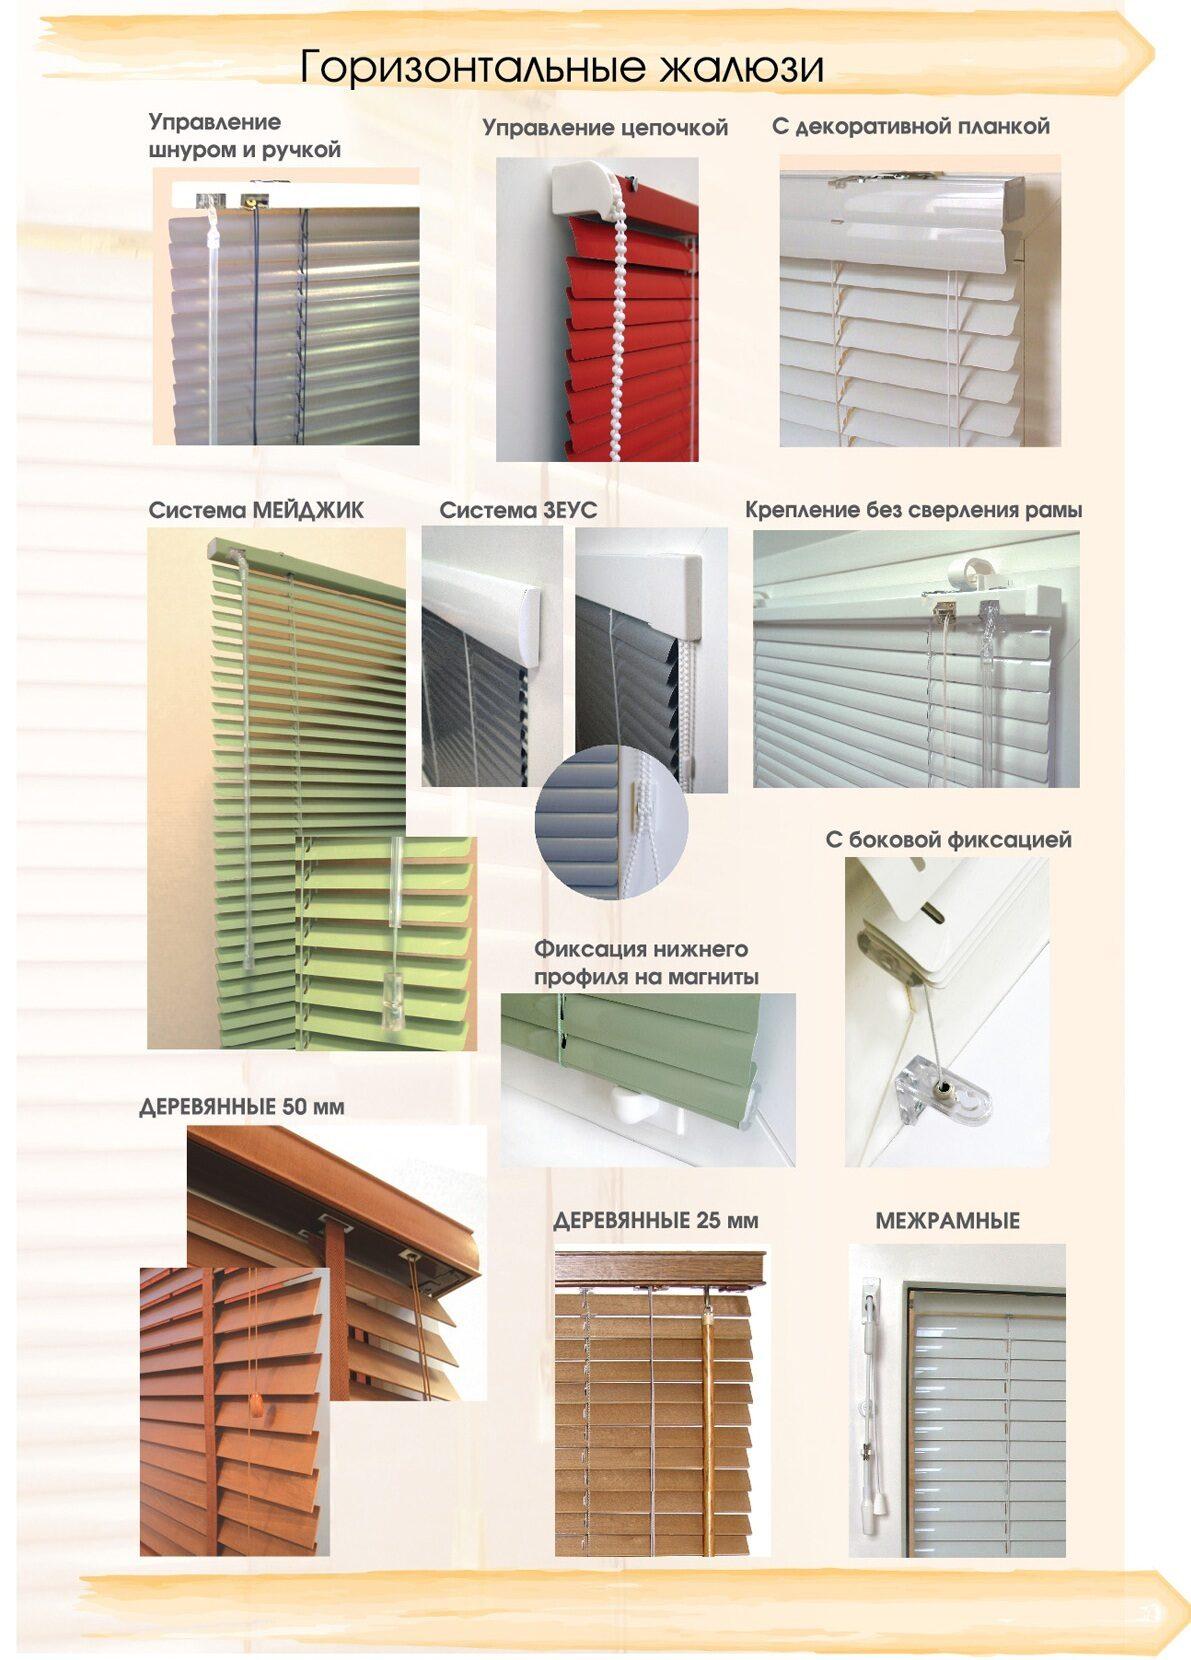 Как установить горизонтальные жалюзи на пластиковые окна